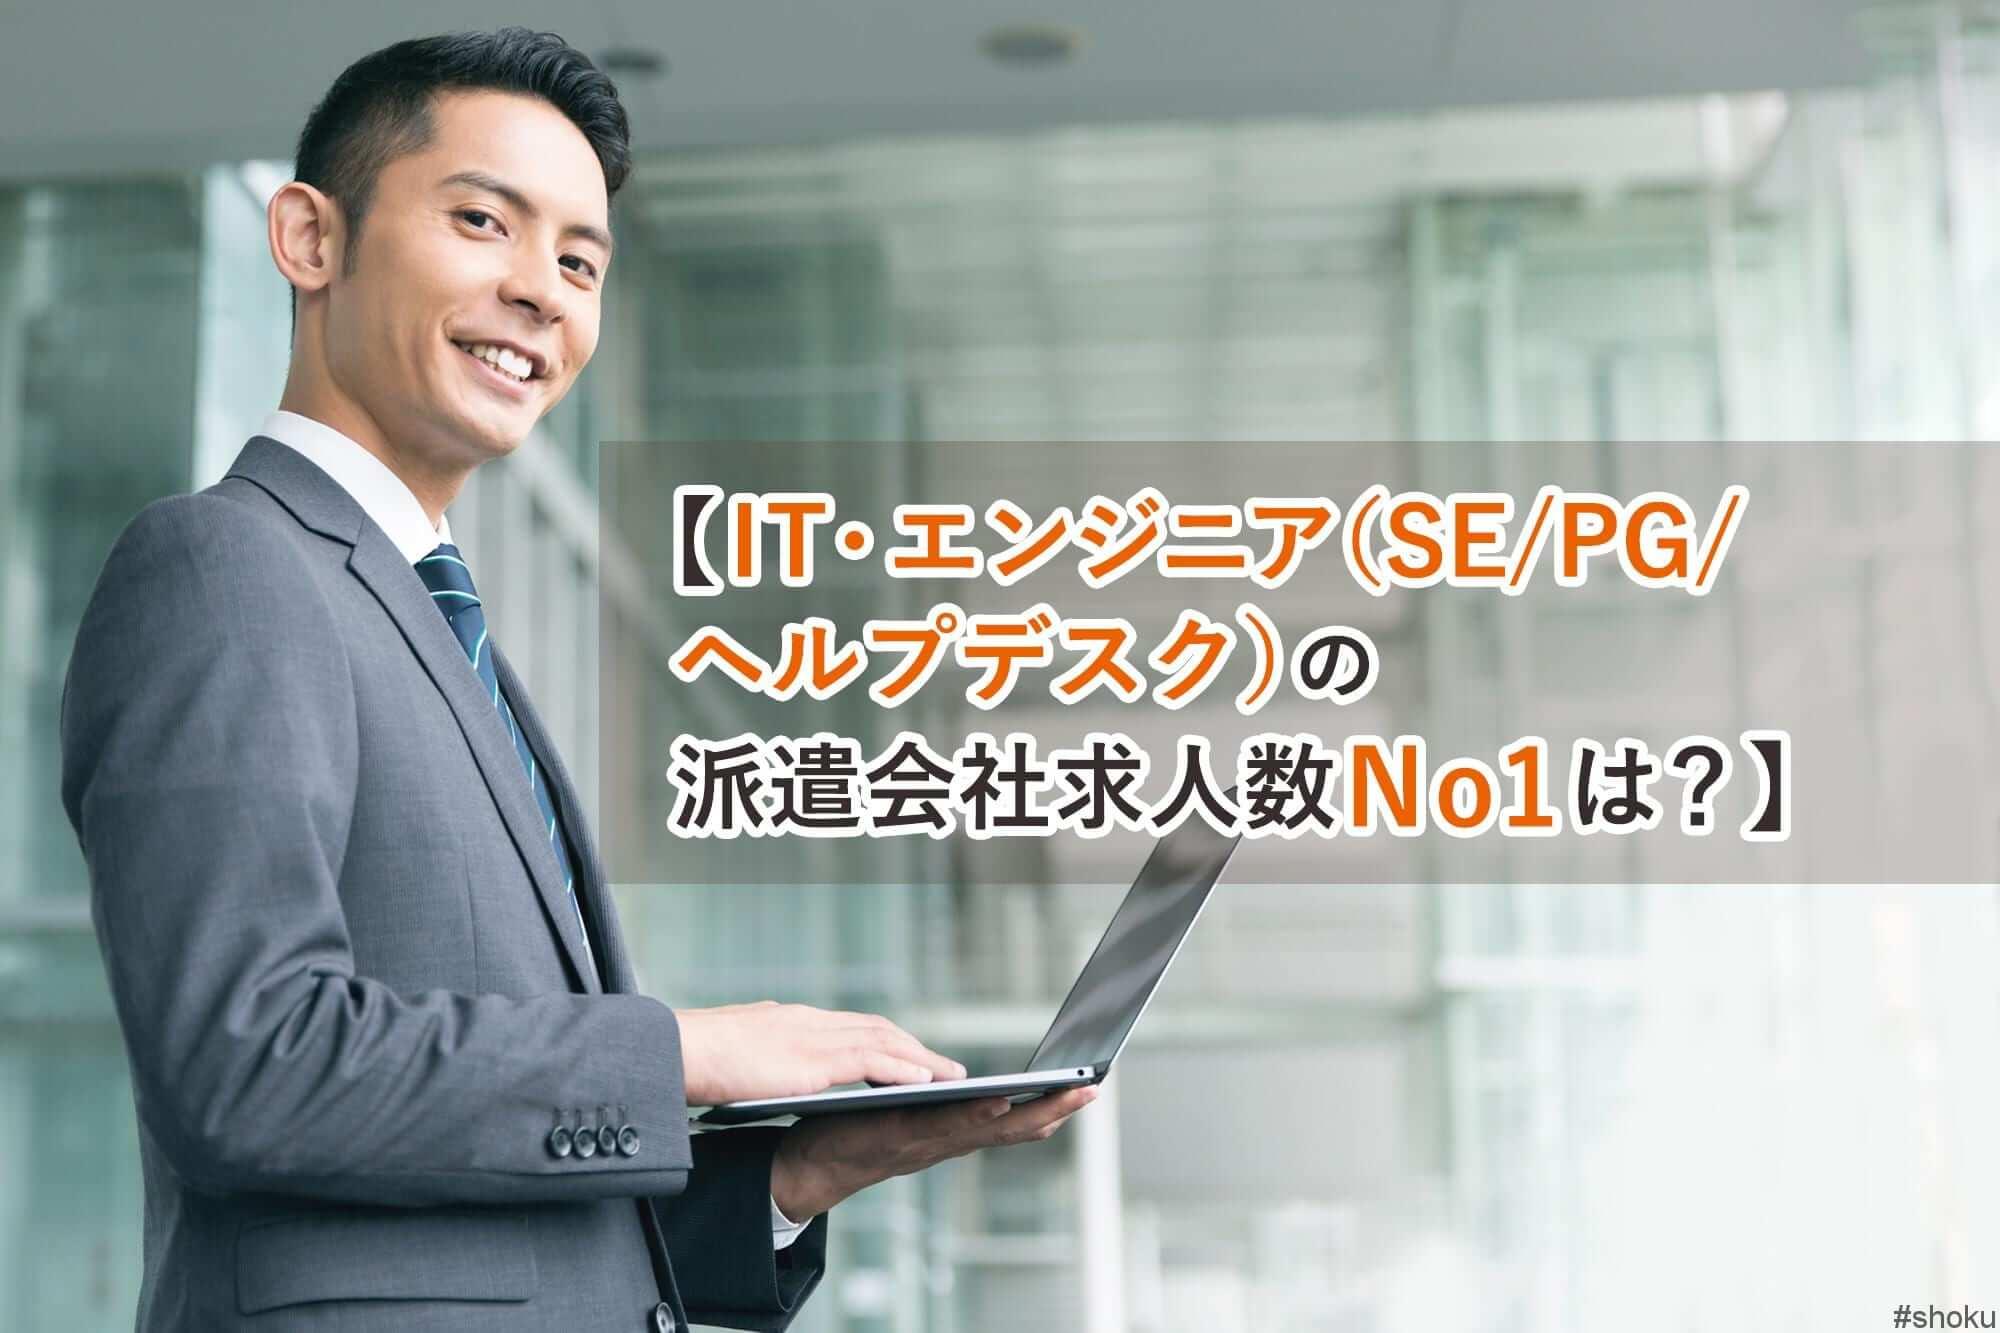 【派遣のプロが語る】ITエンジニアにおすすめ派遣会社ランキング!(SE・PG・WEBデザイナーなど)